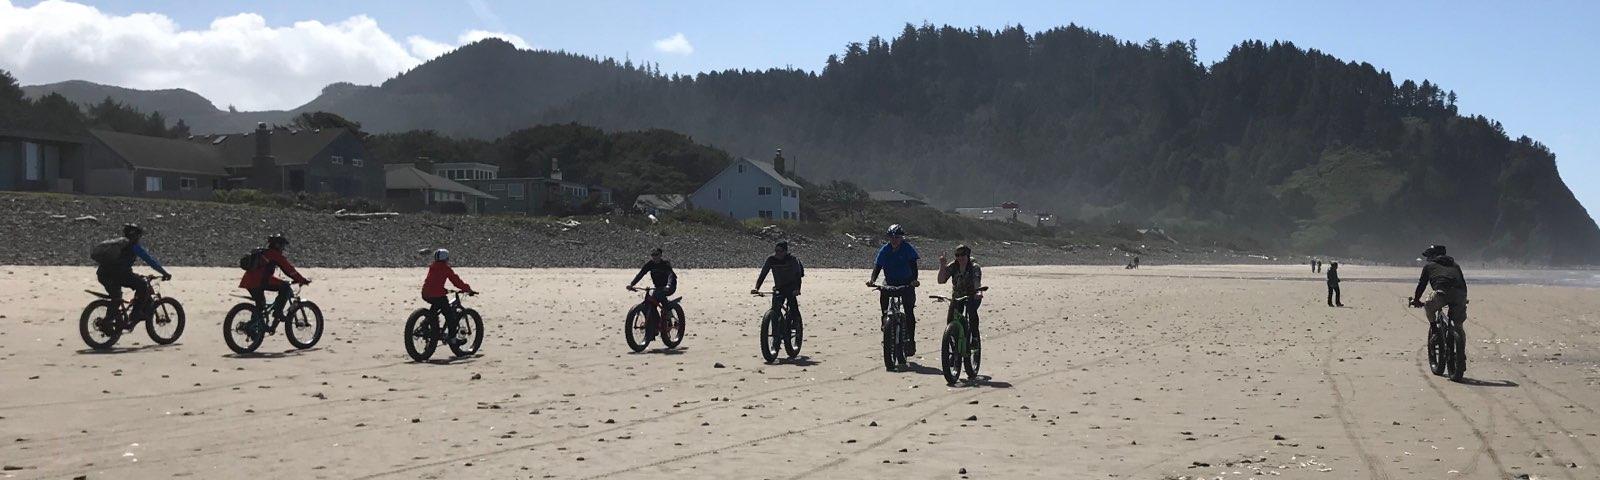 fat bike festival oregon coast